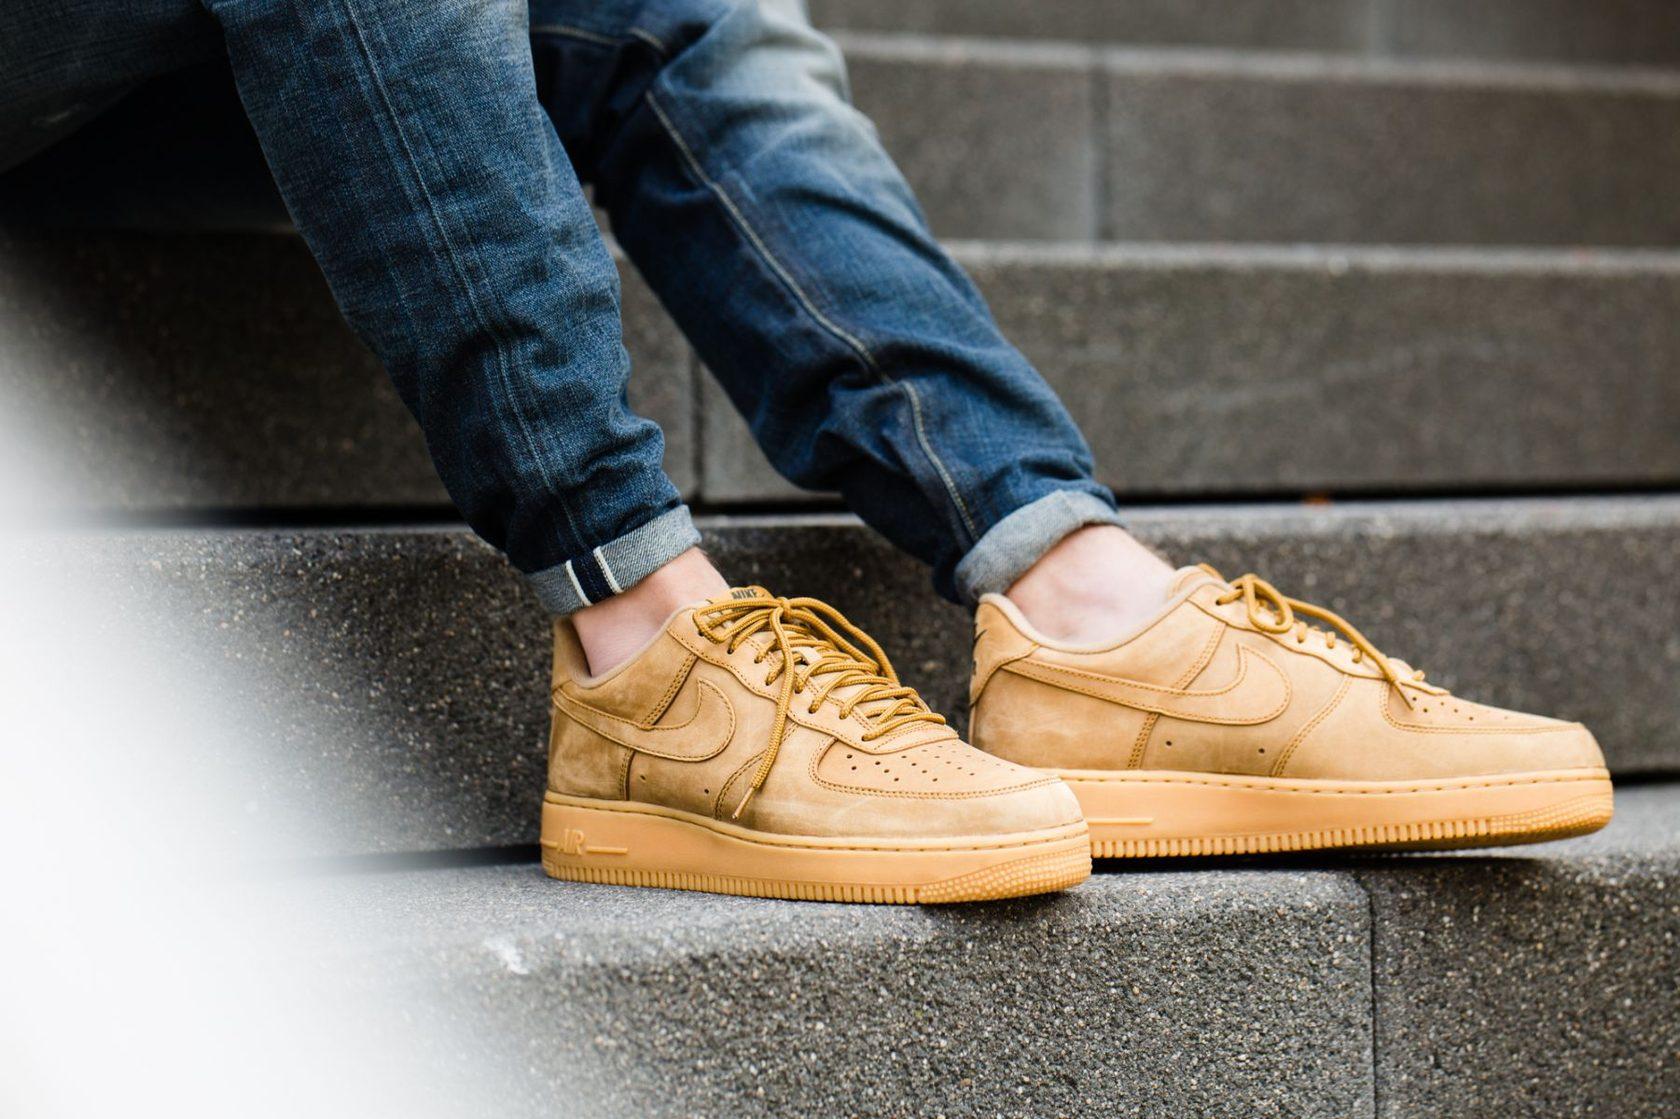 dce009372 5 вопросов и 5 ответов про чистку кроссовок - Статьи блога интернет  магазина Sneakerhead